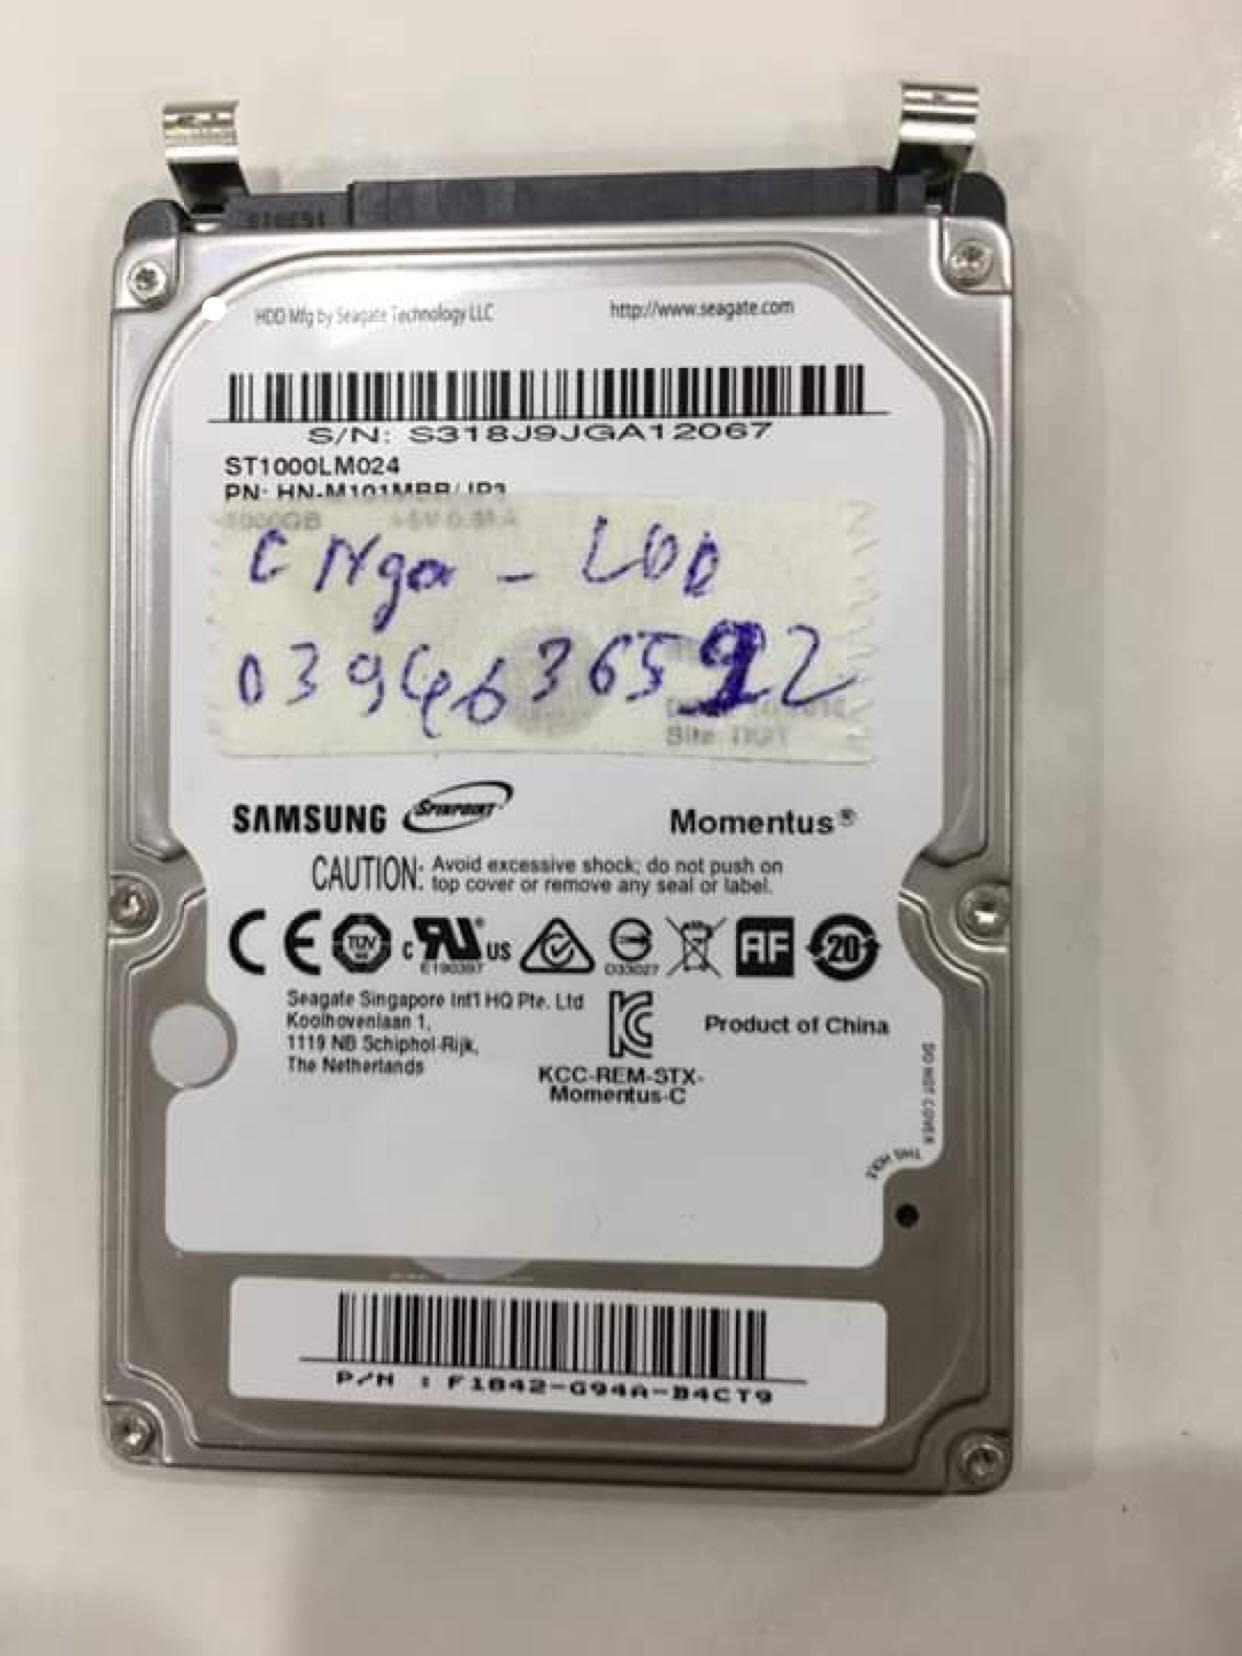 Khôi phục dữ liệu ổ cứng Samsung 1TB lỗi đầu đọc 04/05/2019 - cuumaytinh